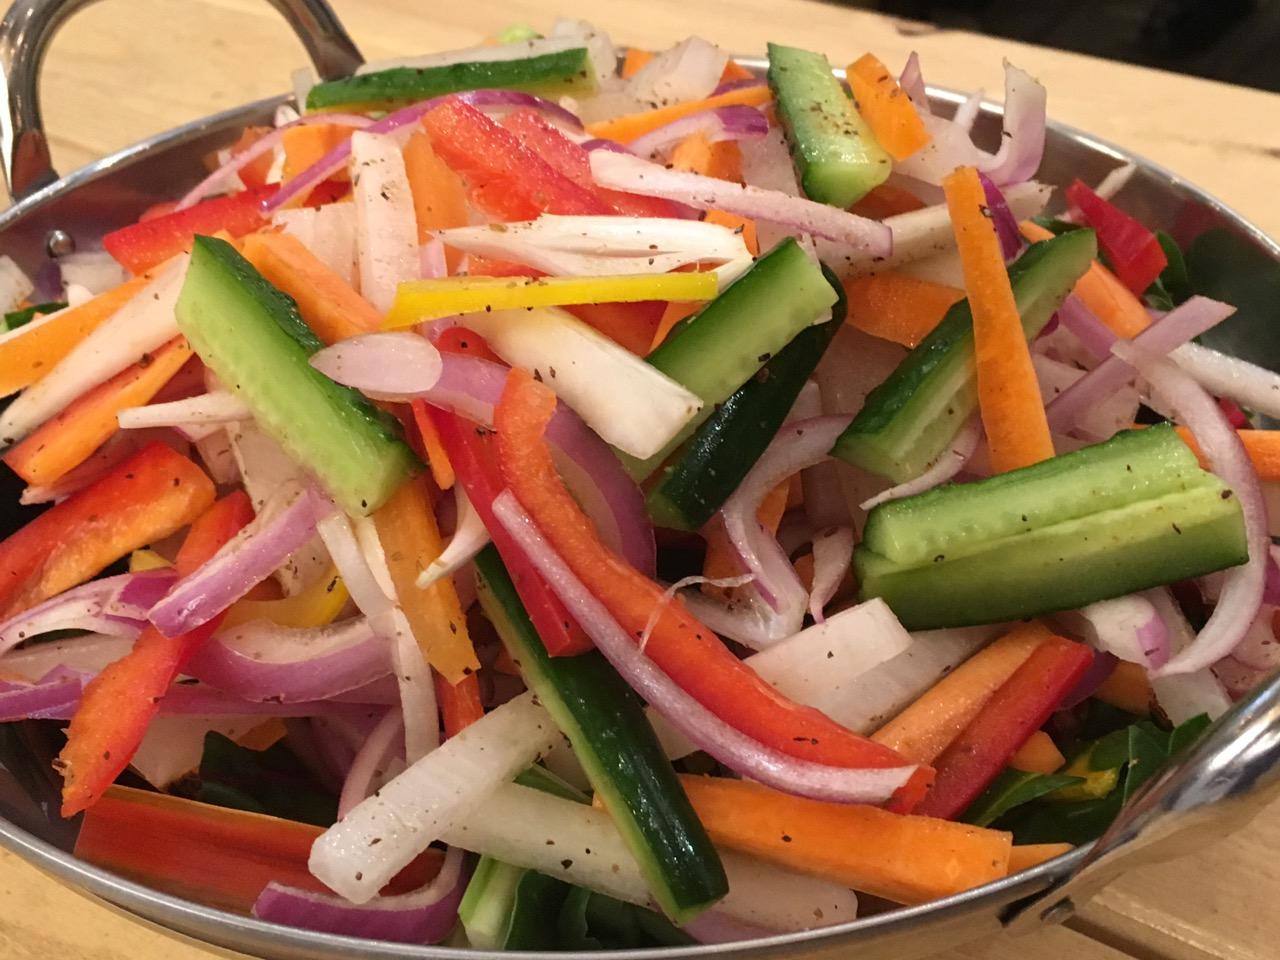 生野菜切っただけサラダ チャットマサラ、レモン和え